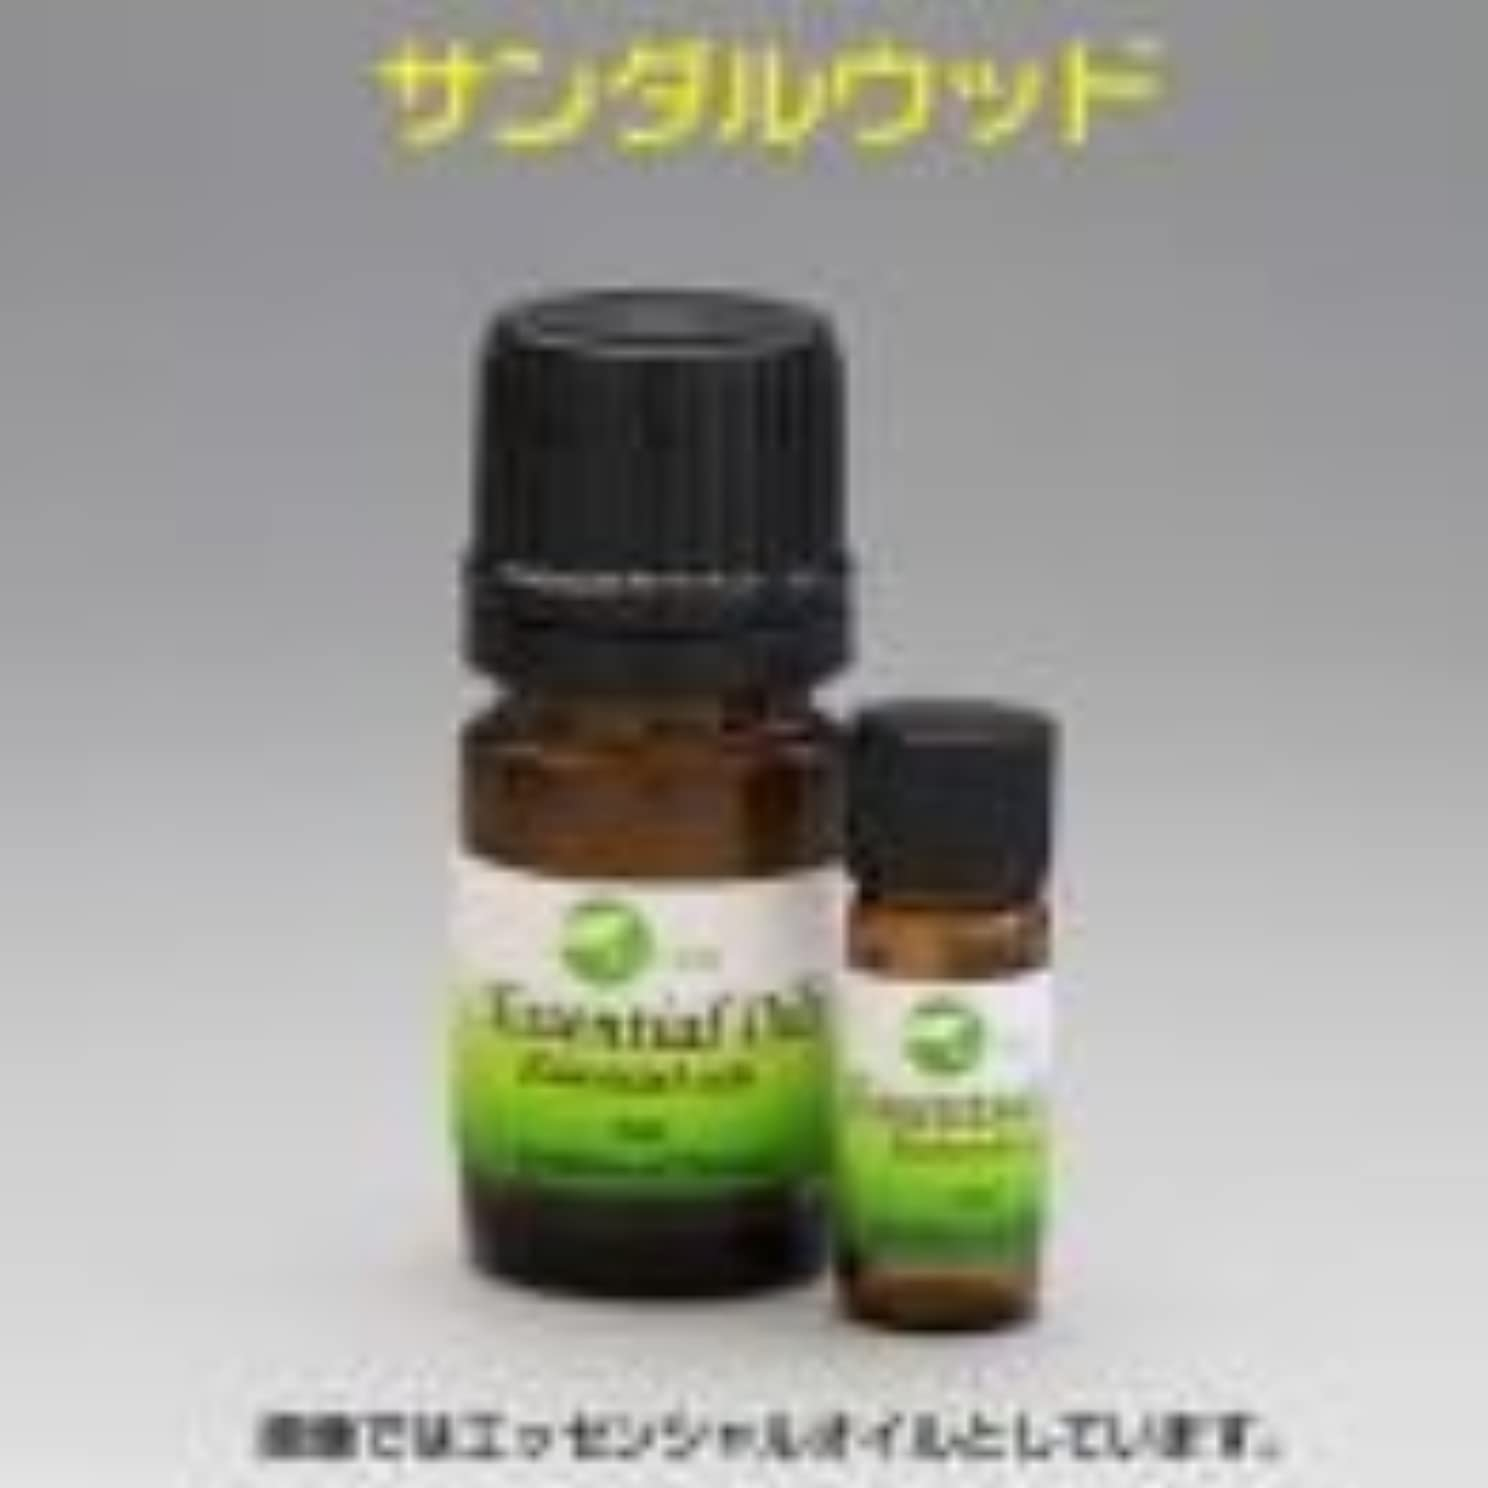 環境家具行う[エッセンシャルオイル] 濃厚で温みのあるオリエンタル調の香り サンダルウッド 5ml